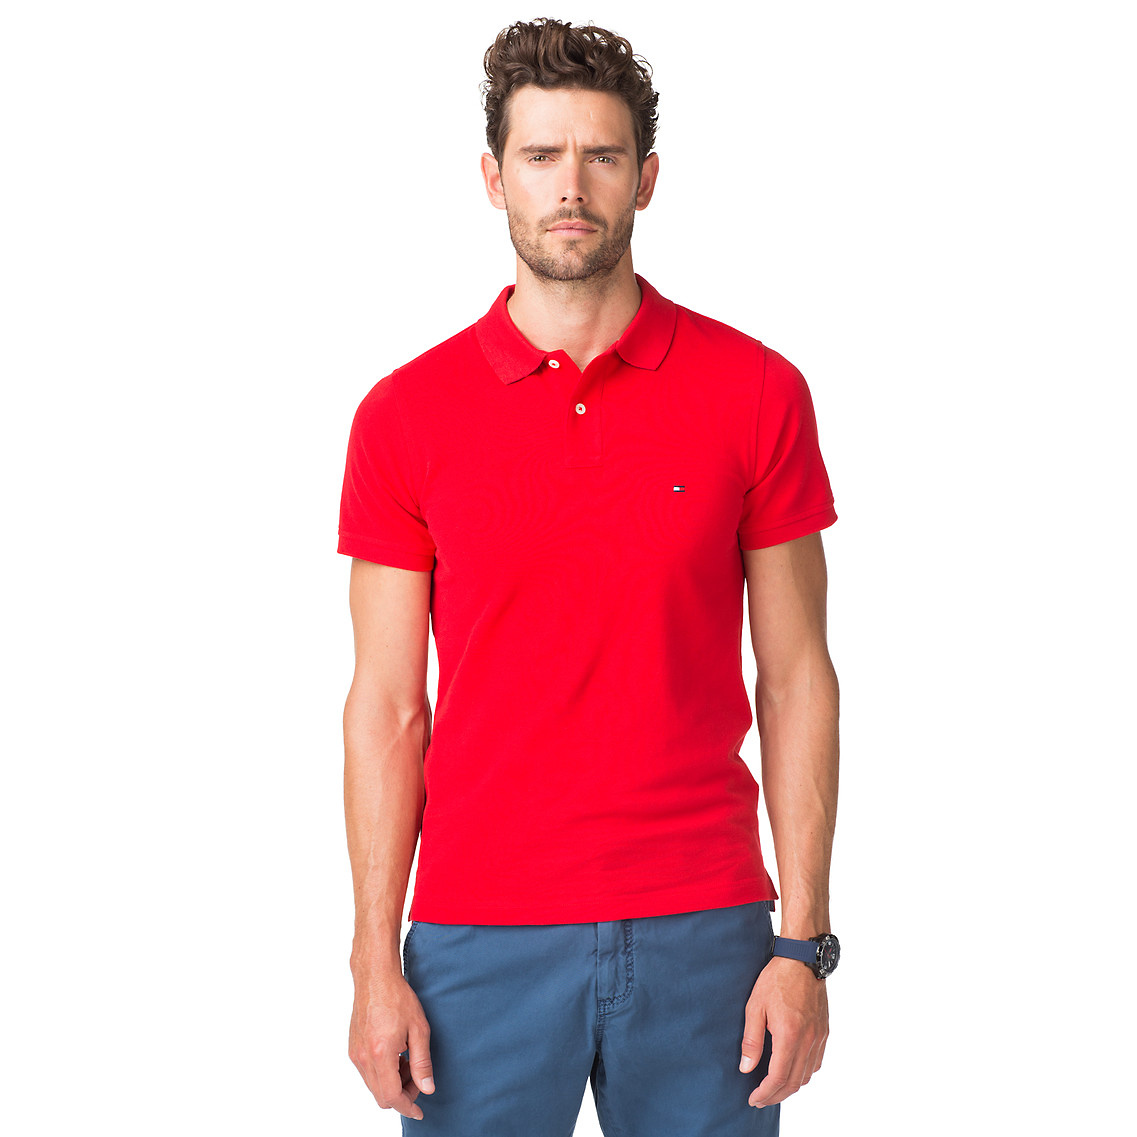 tommy hilfiger slim fit polo shirt in red for men formula one pt lyst. Black Bedroom Furniture Sets. Home Design Ideas